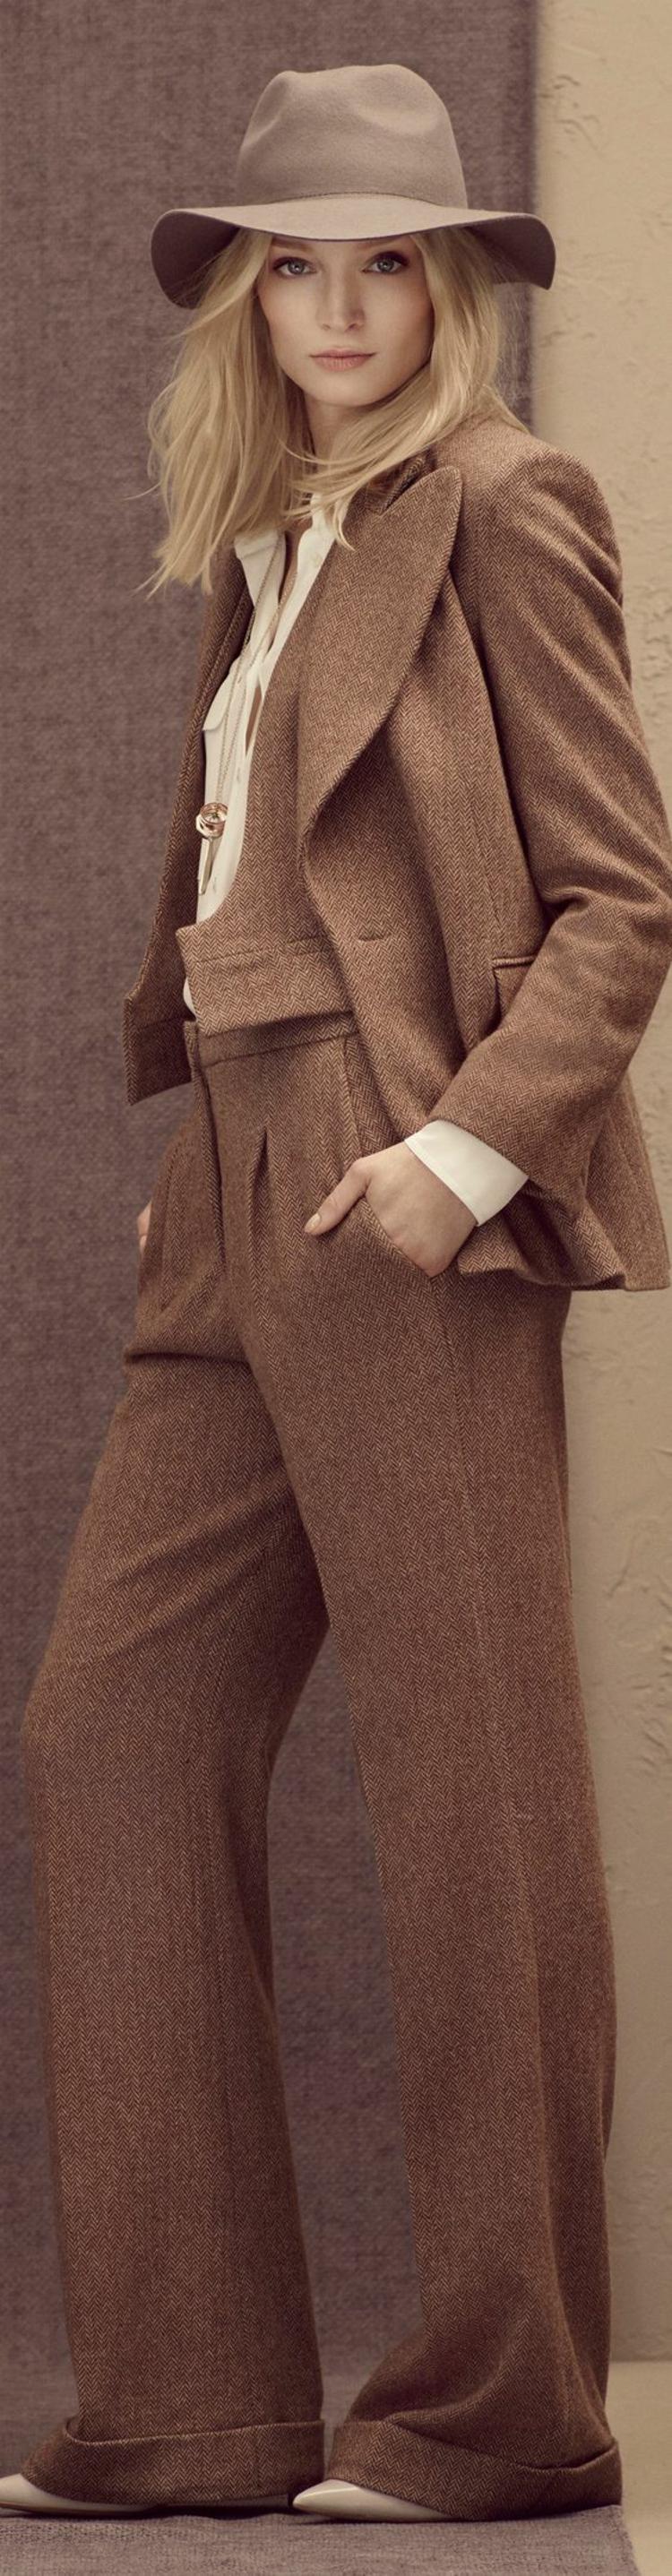 Hut Damen Retro Damenmode und Stylingstipps